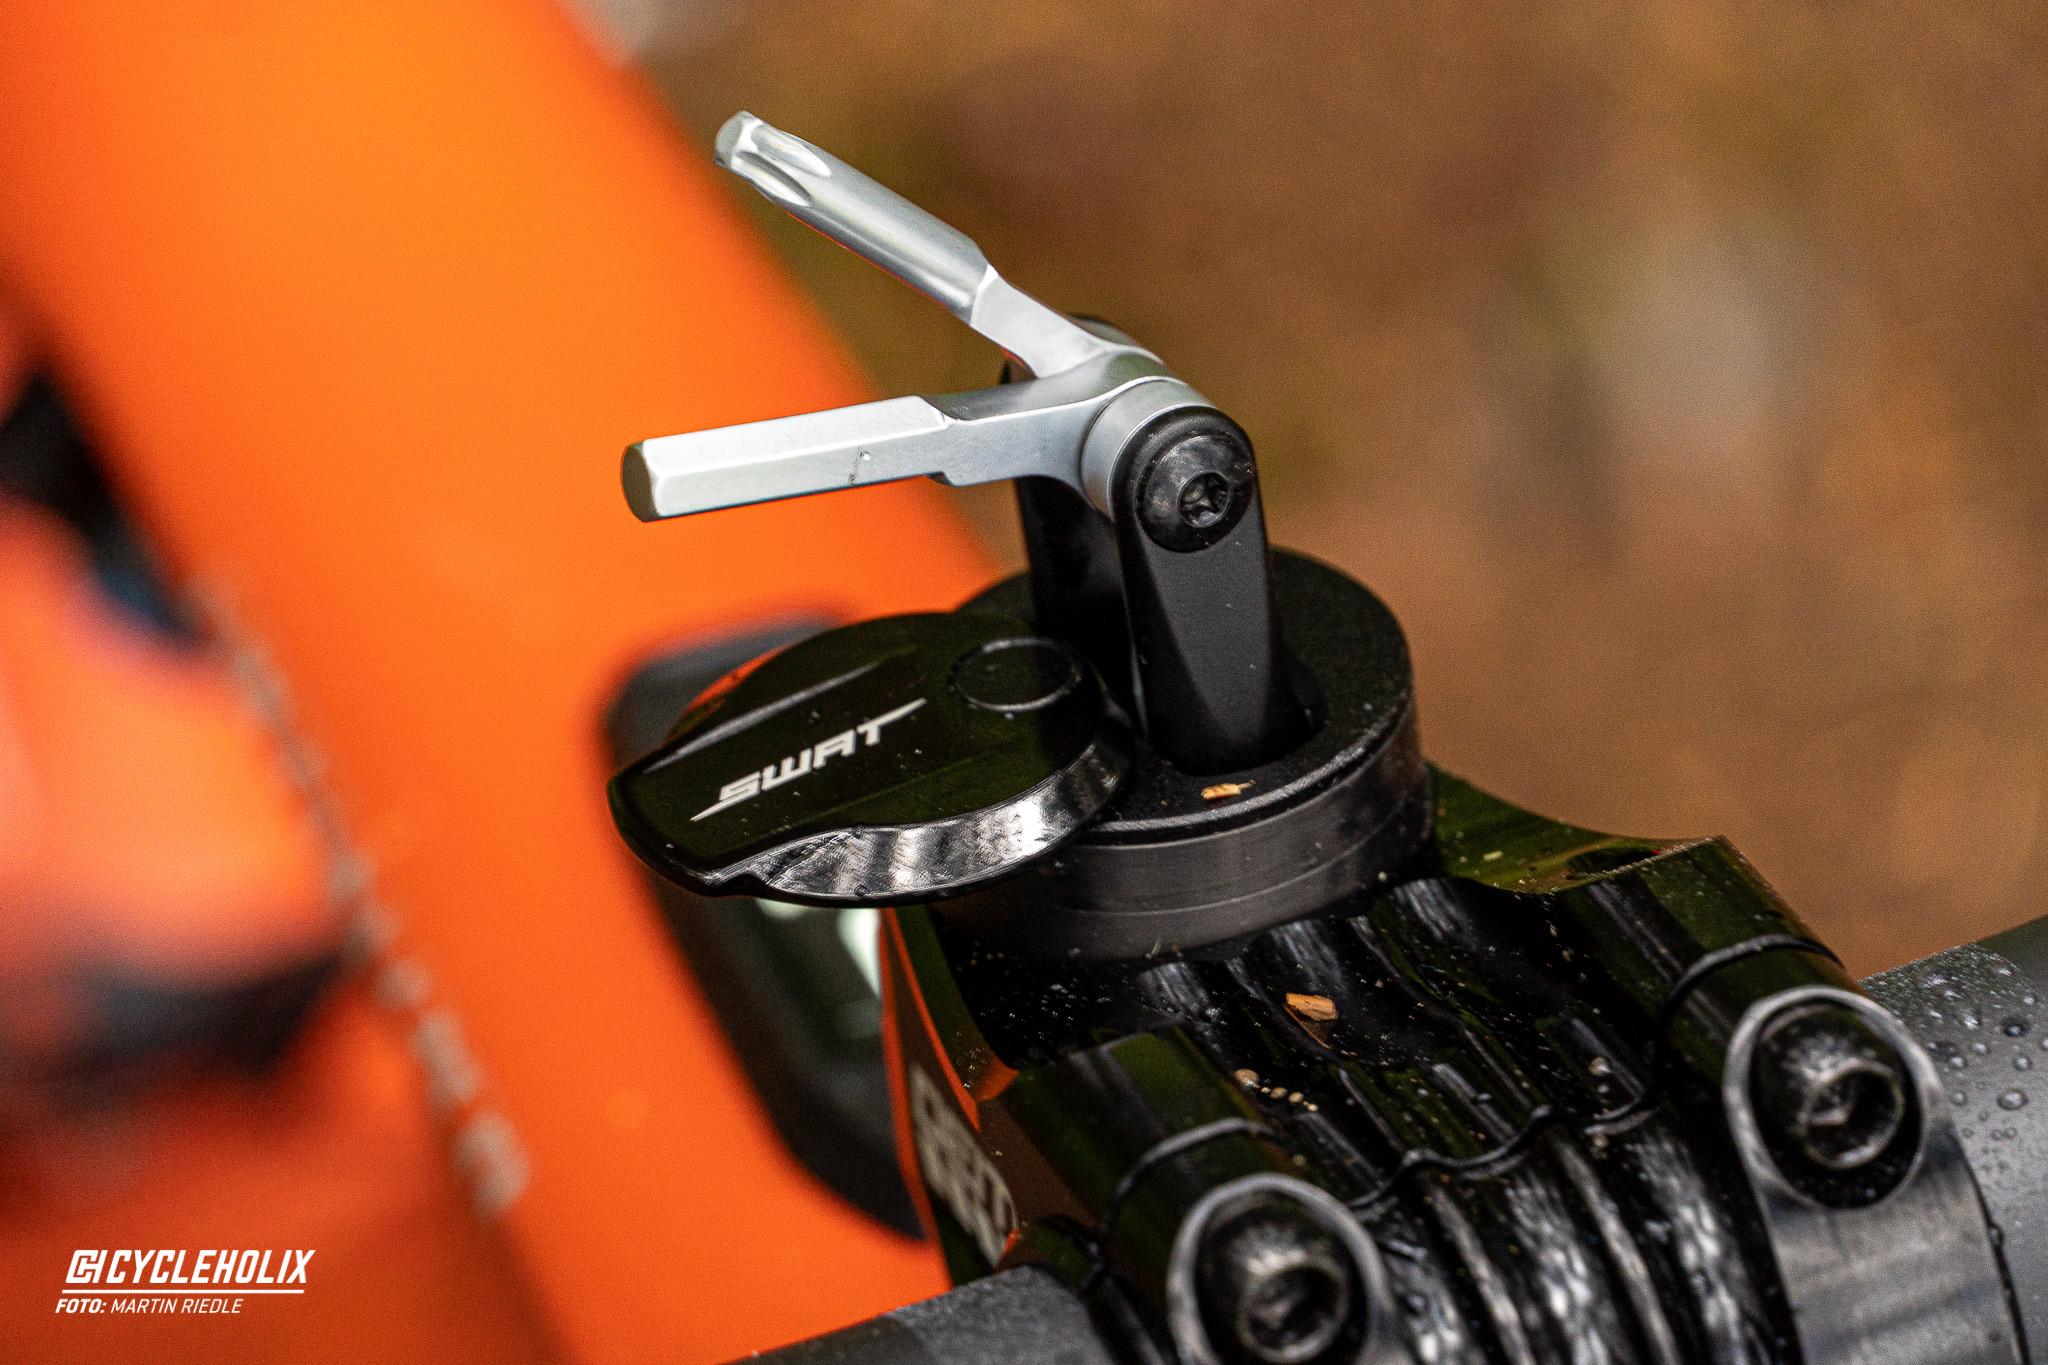 Specialized Levo 6 Cycleholix